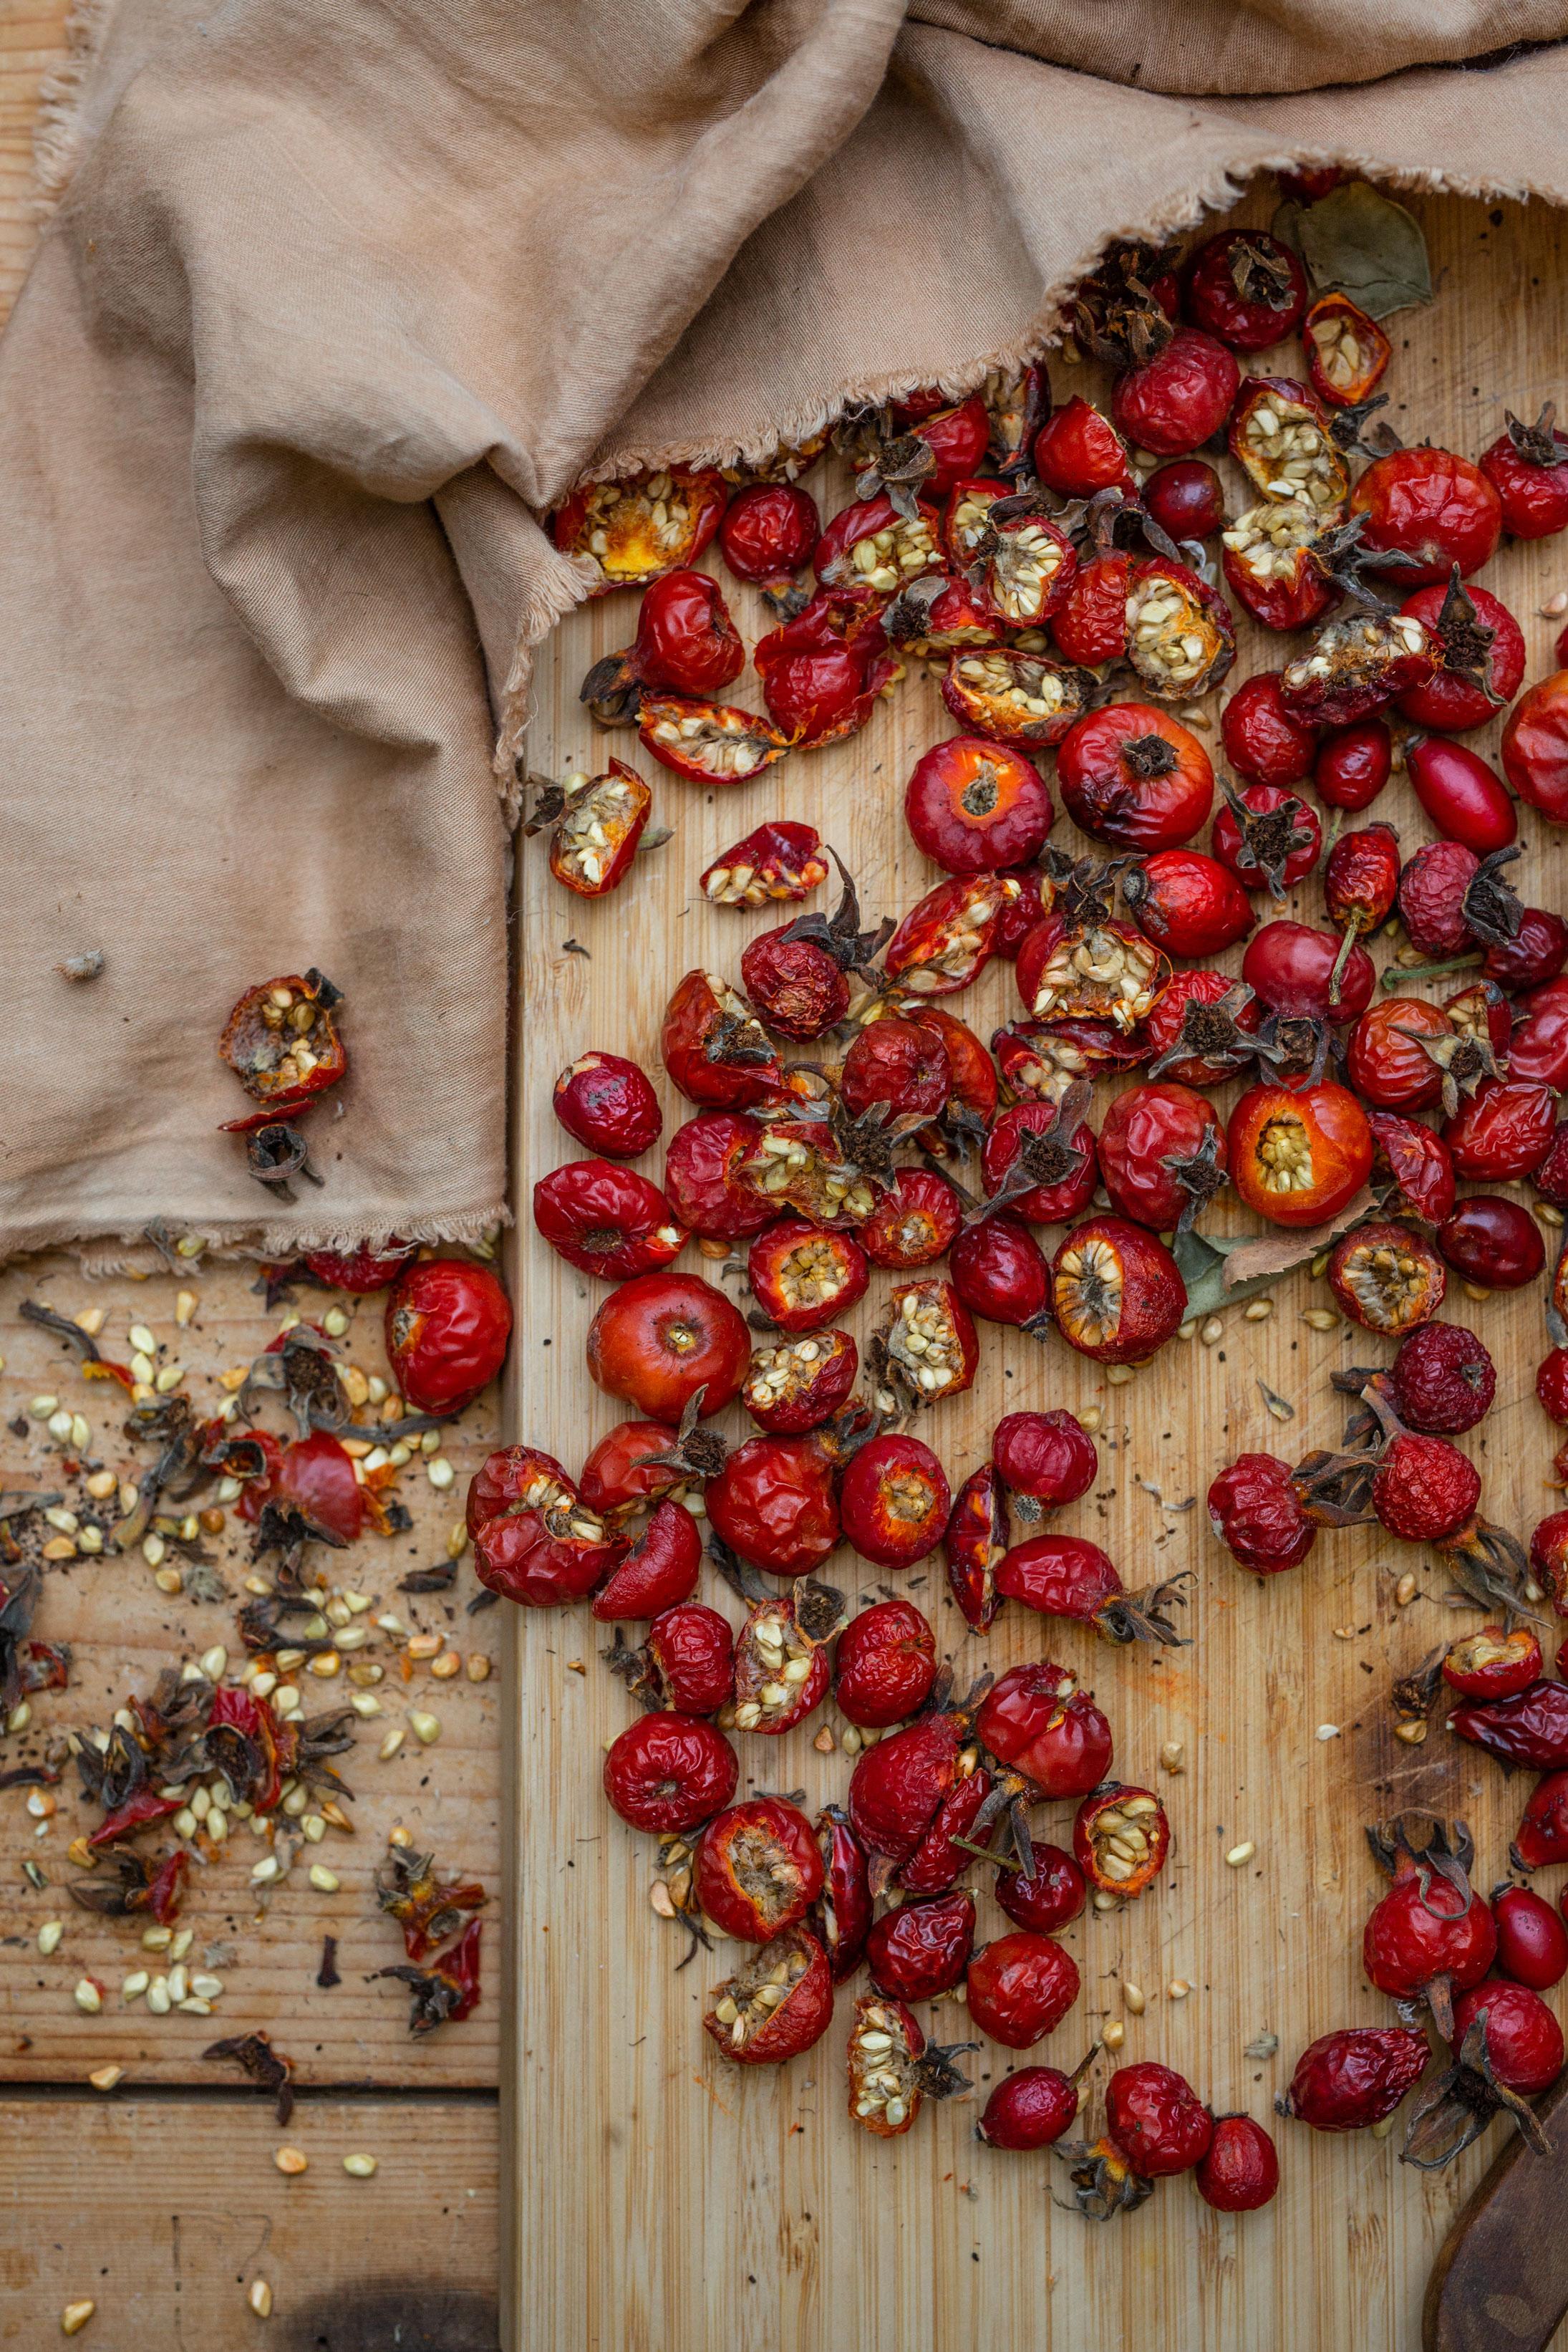 Hagebuttenpulver selber machen | Gesunde vegane Rezepte, Fermentation, Nachhaltigkeit - Syl Gervais